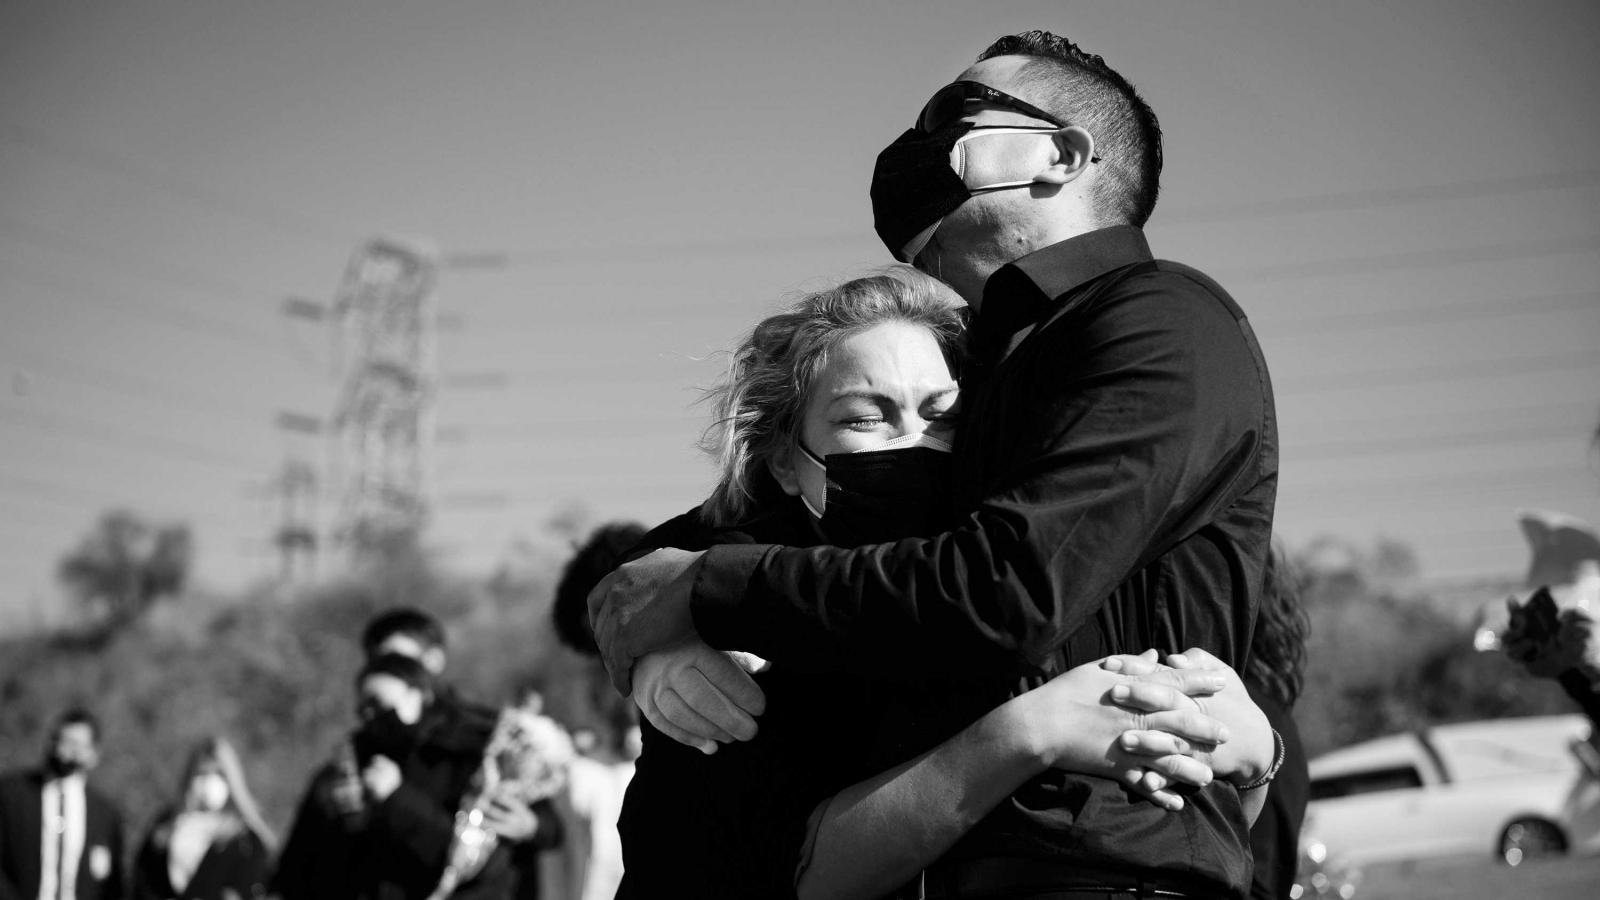 Mỹ ghi nhận con số đau lòng: Hơn nửa triệu người tử vong vì Covid-19